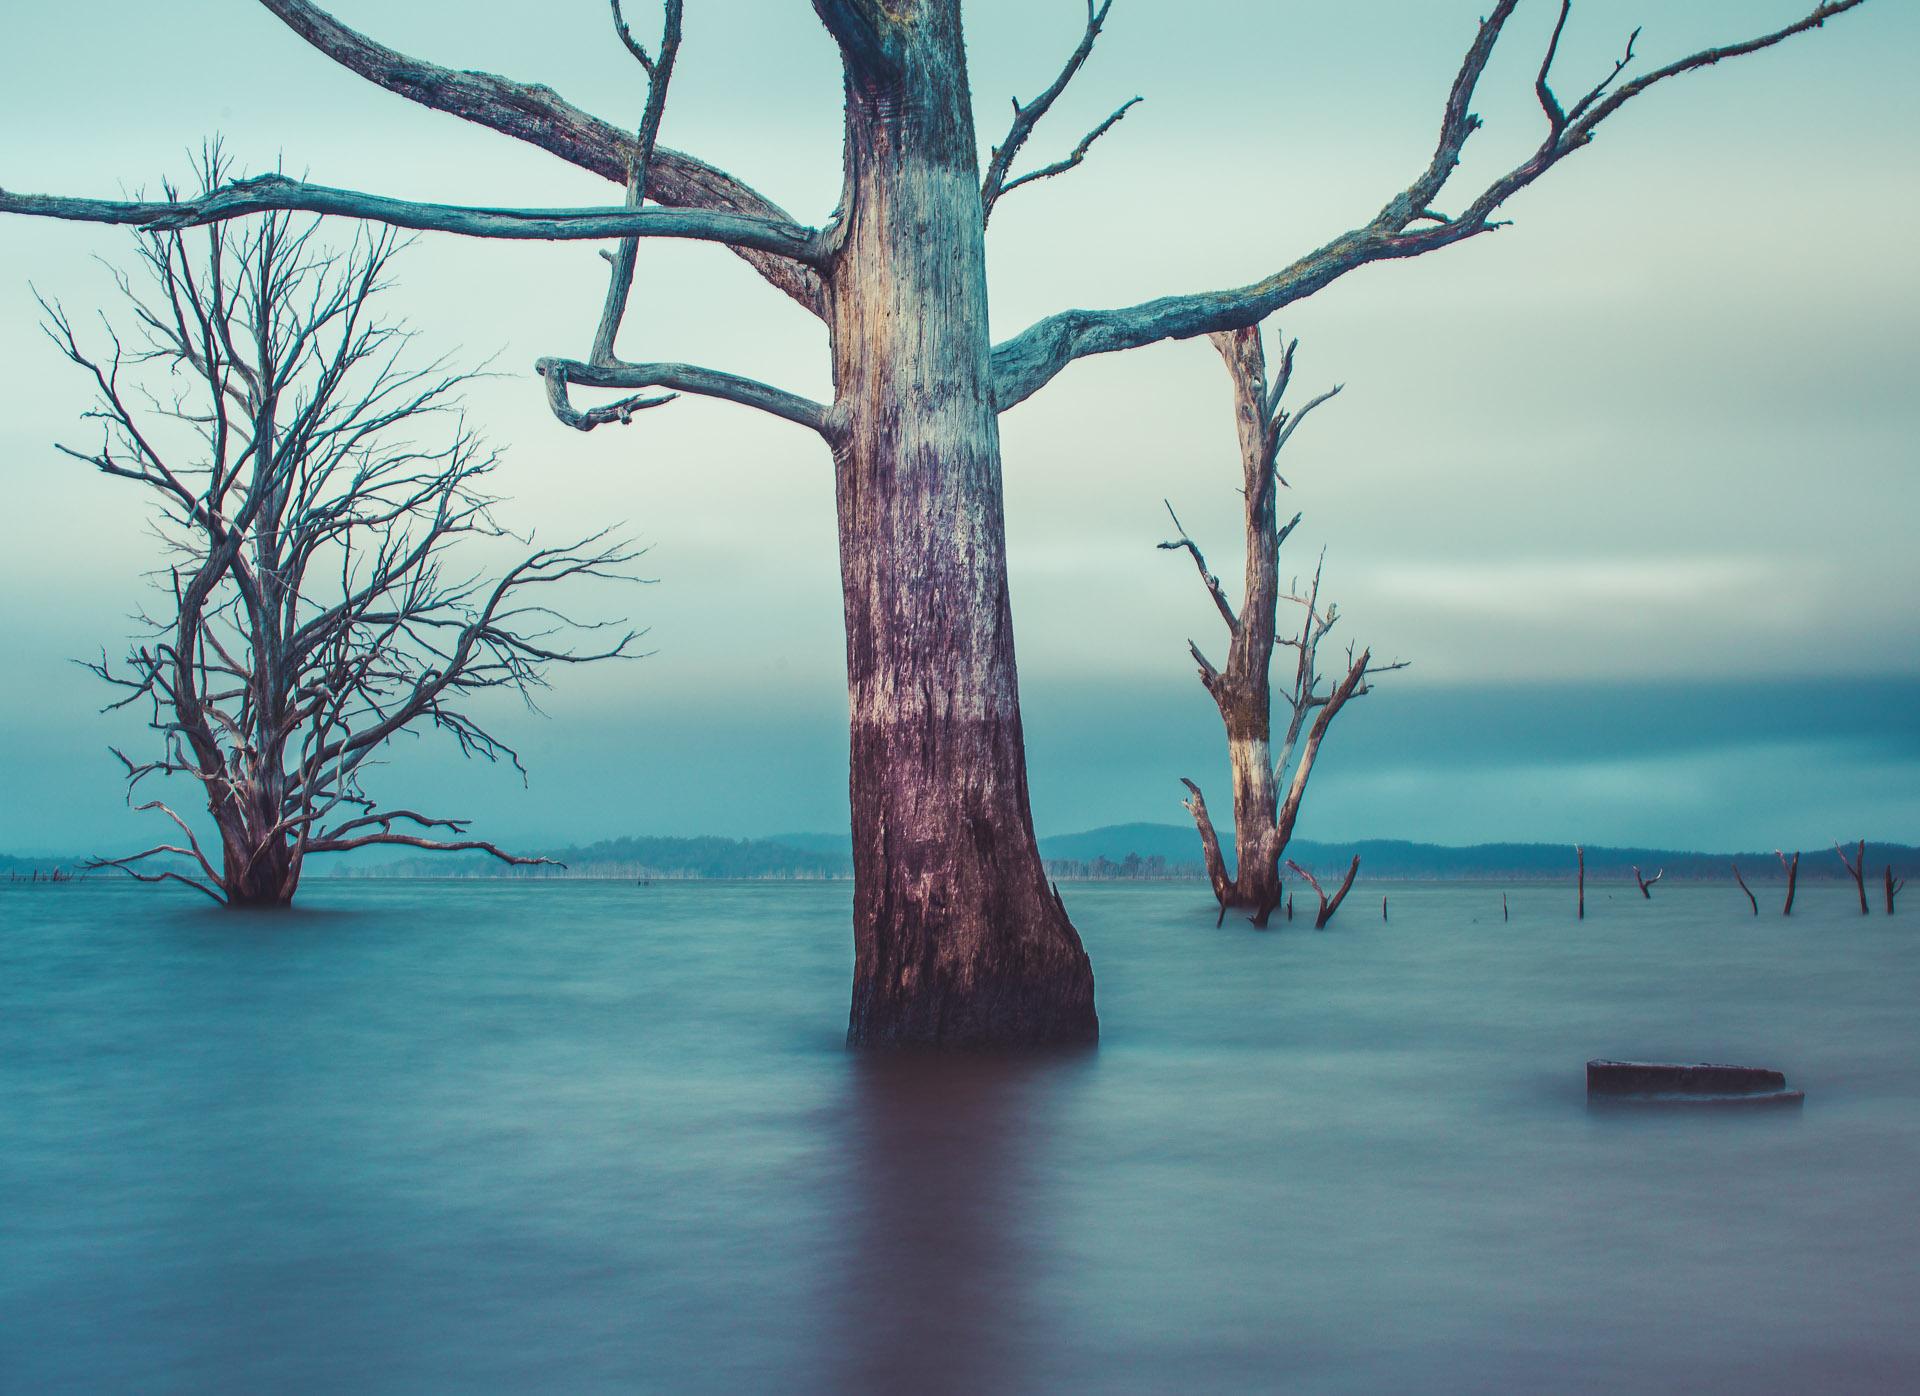 Arthurs Lake